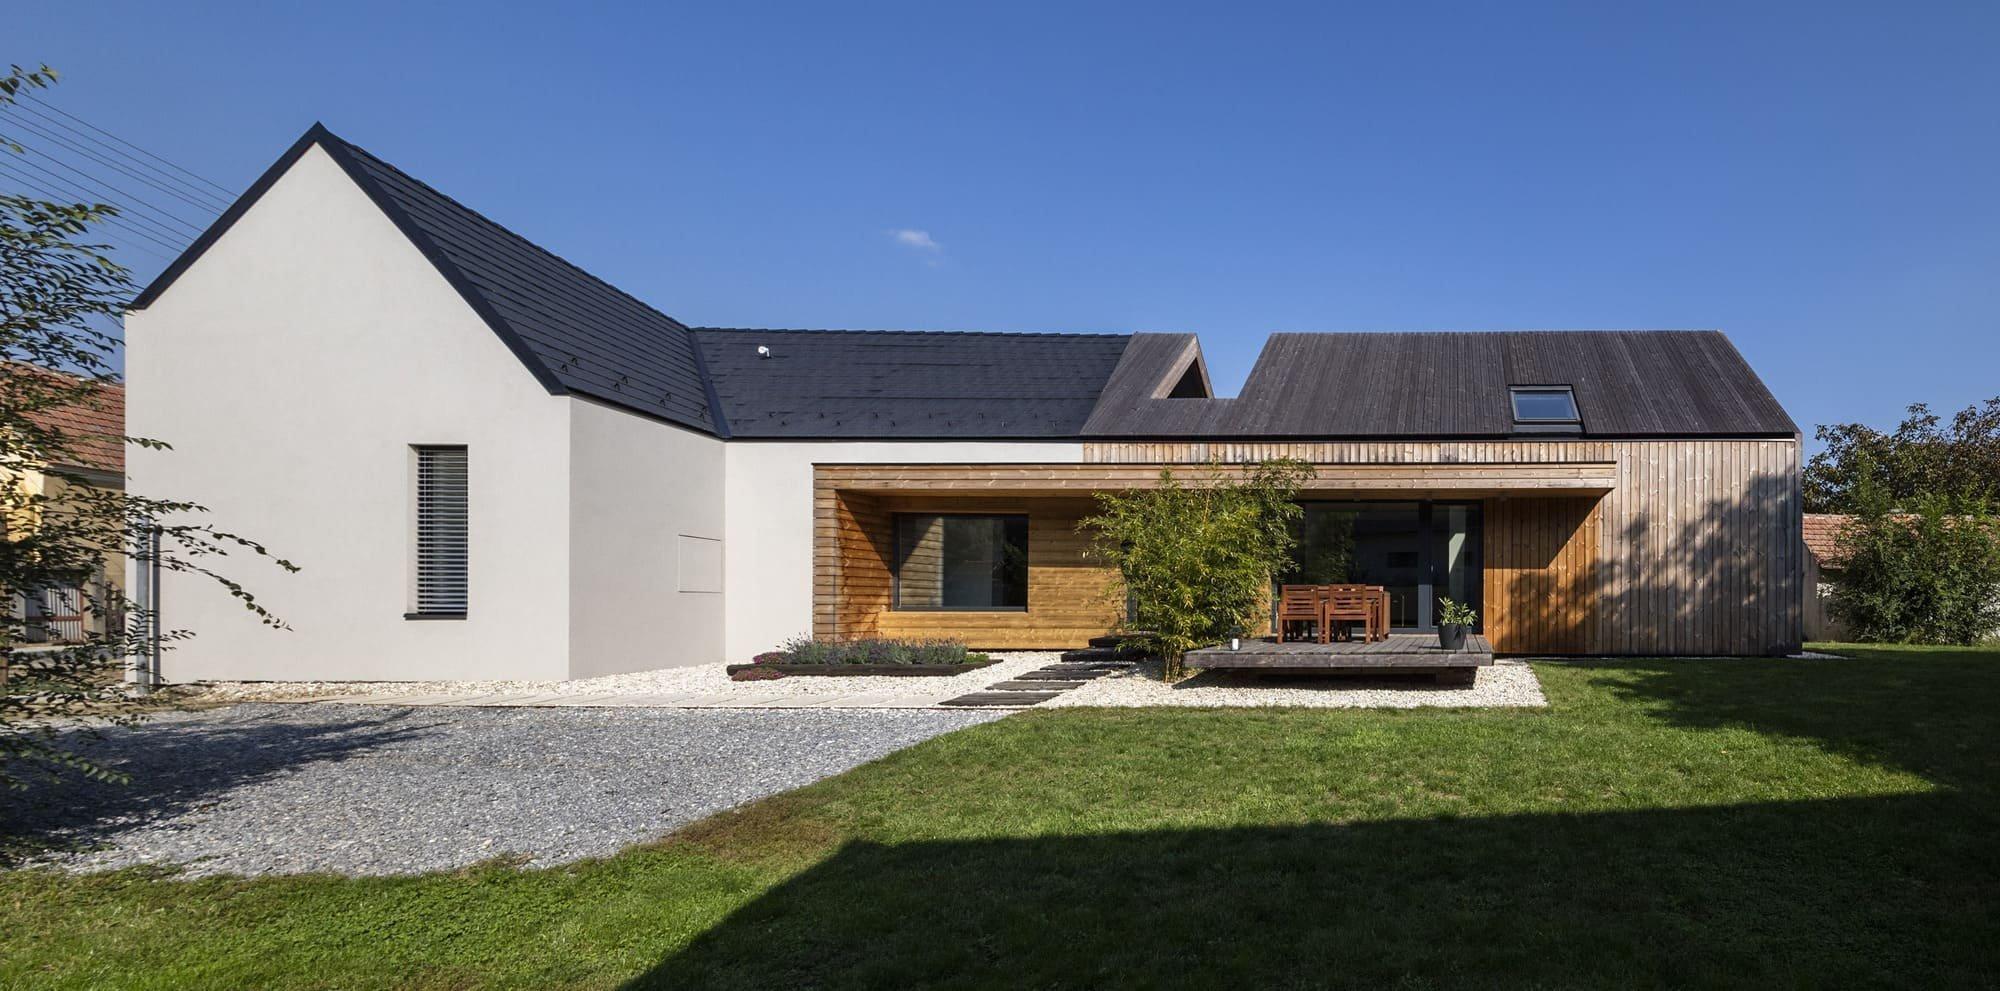 Nová část stavení má velká okna, která propojuje interiér se zahradou